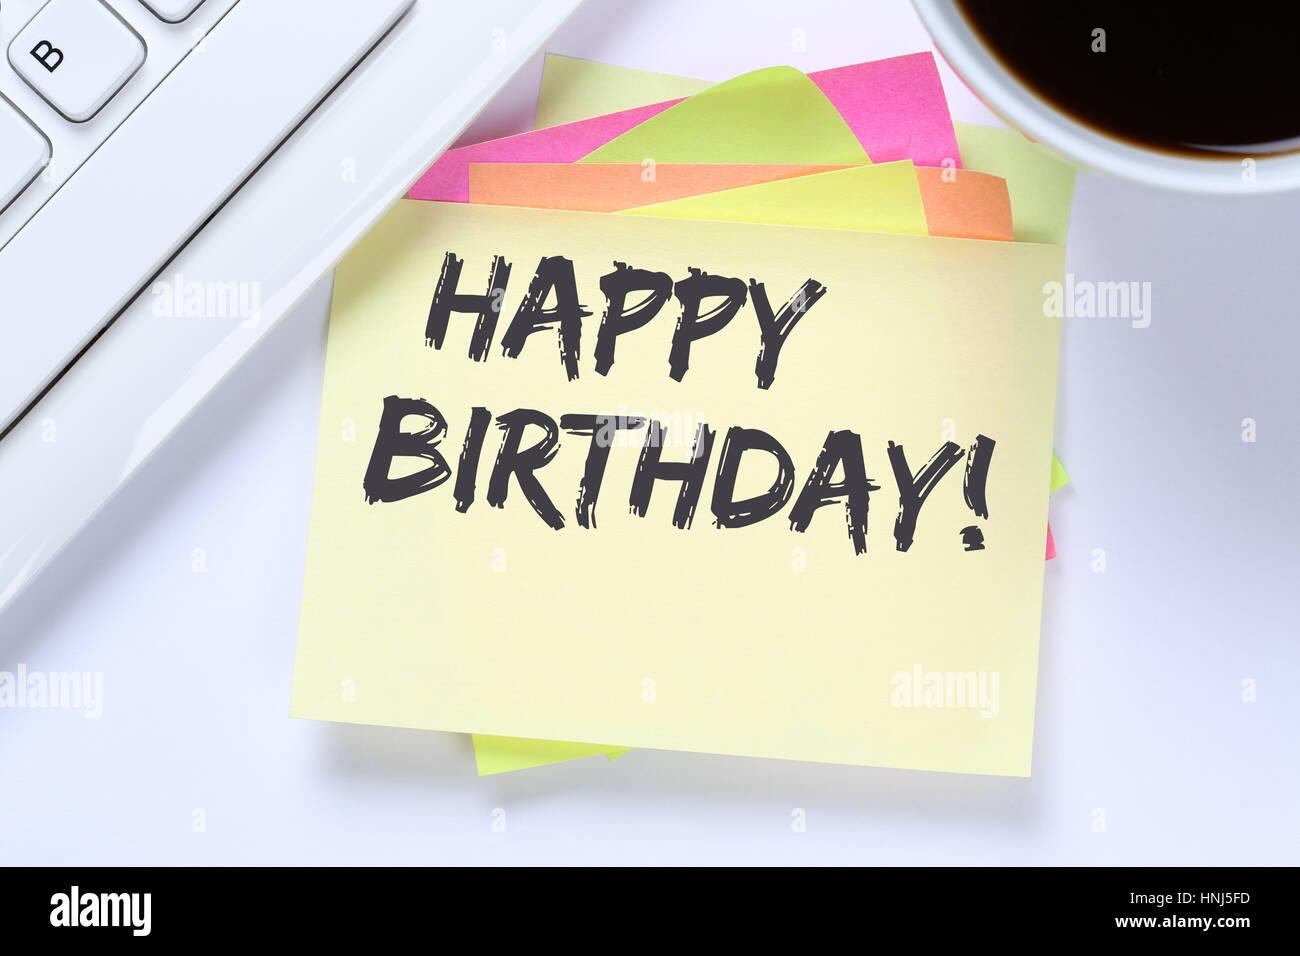 Saludos de cumpleaños feliz celebración del teclado de la computadora de escritorio Imagen De Stock